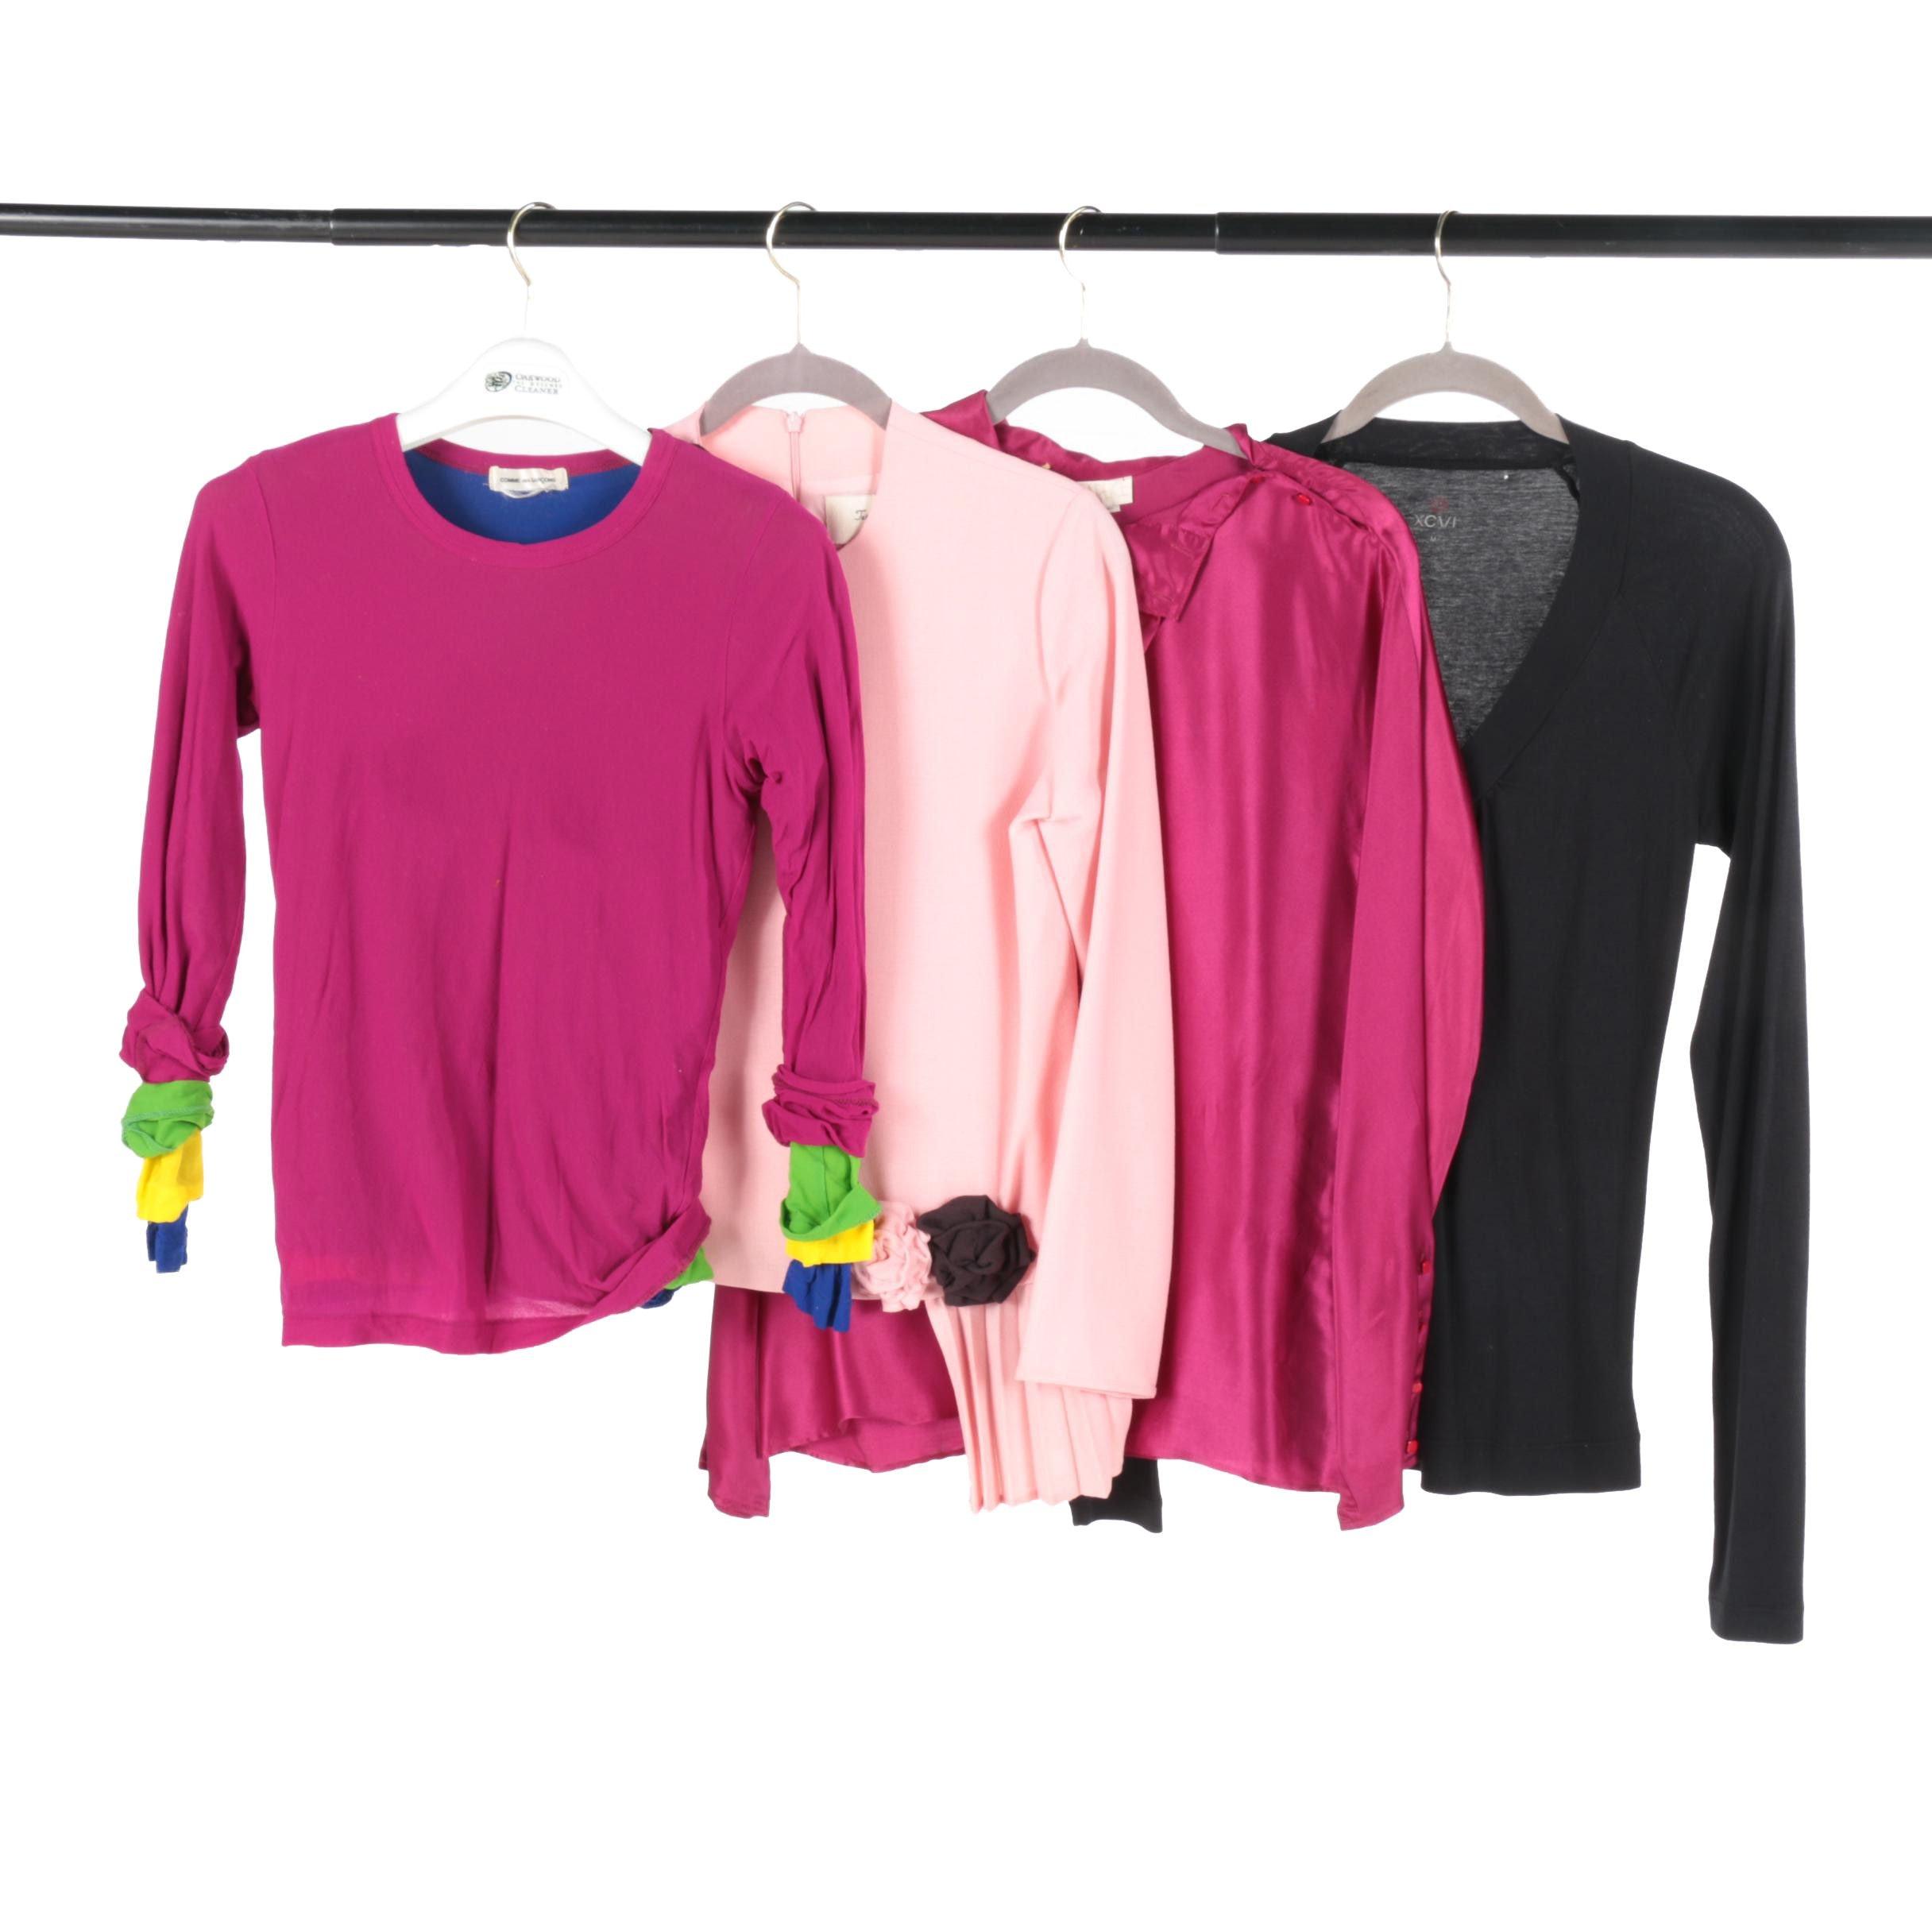 Women's Shirts Including Comme des Garçons